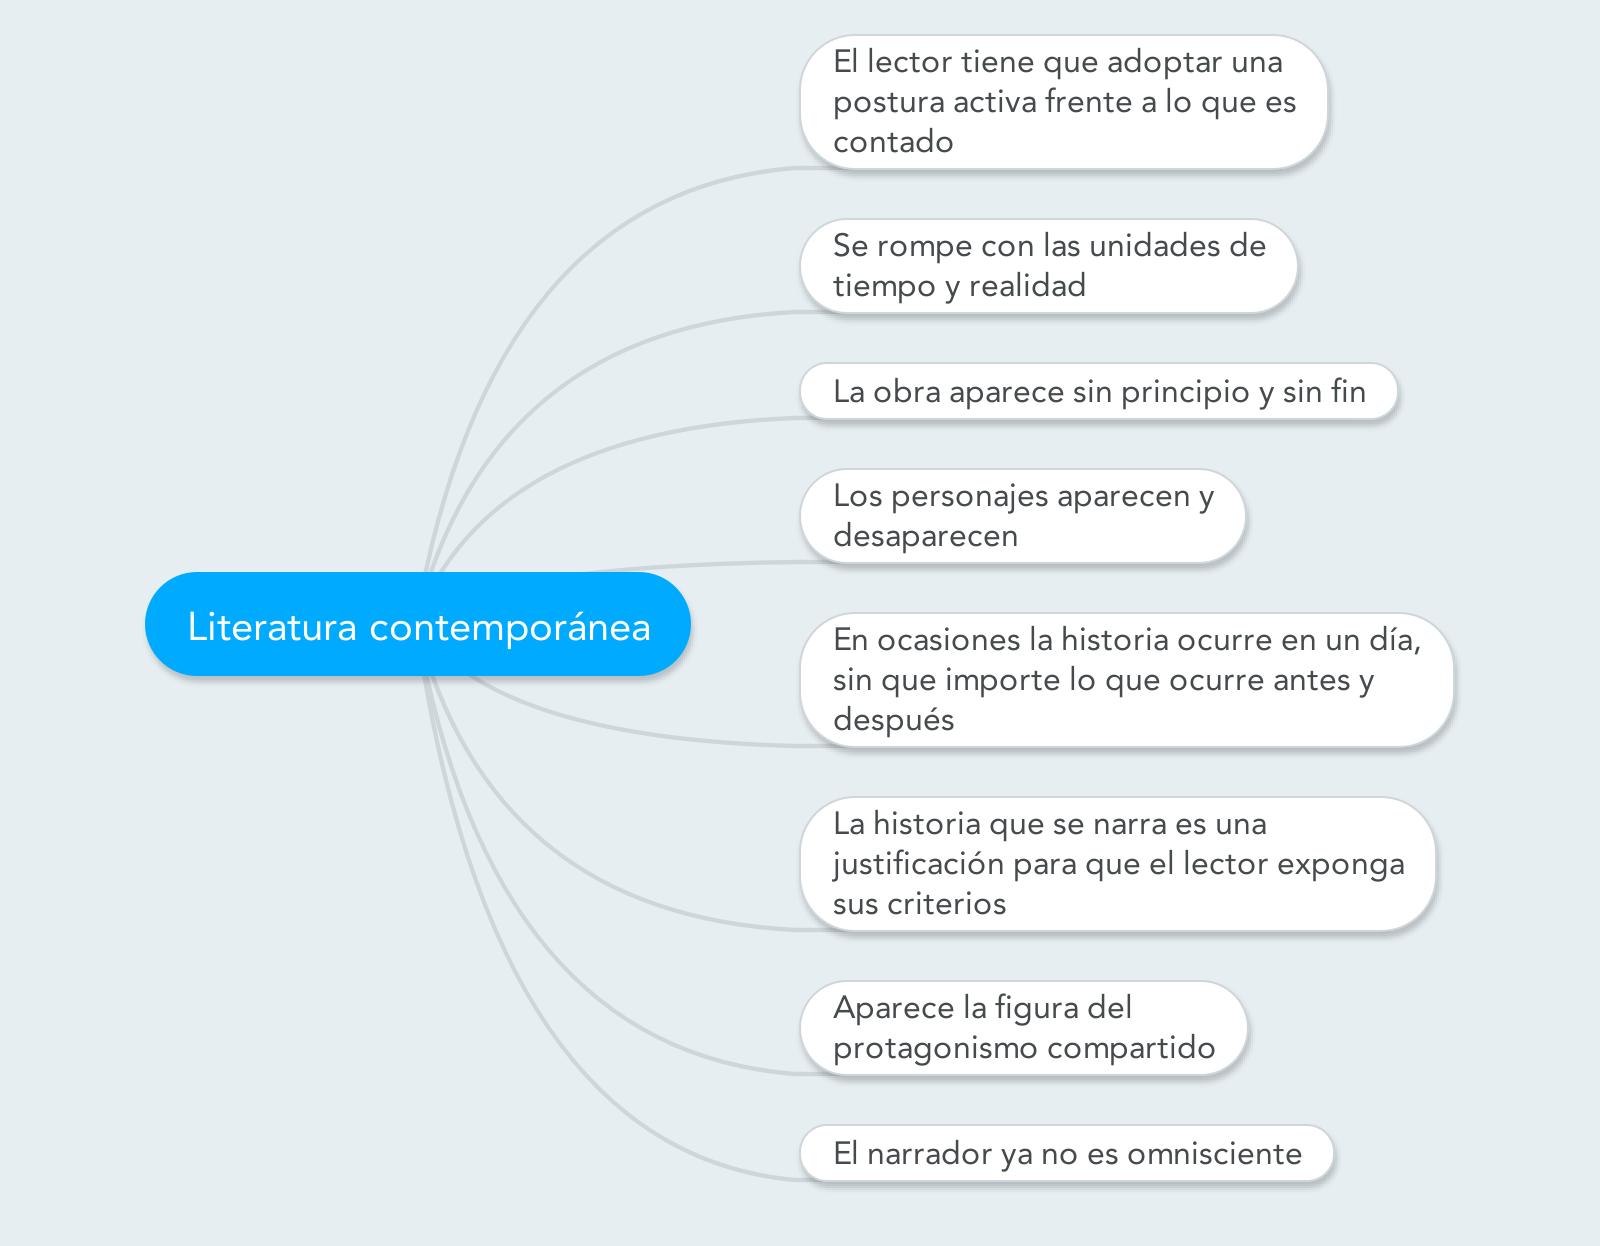 Mapa Conceptual Con Las Caracteristicas Principales De La Literatura